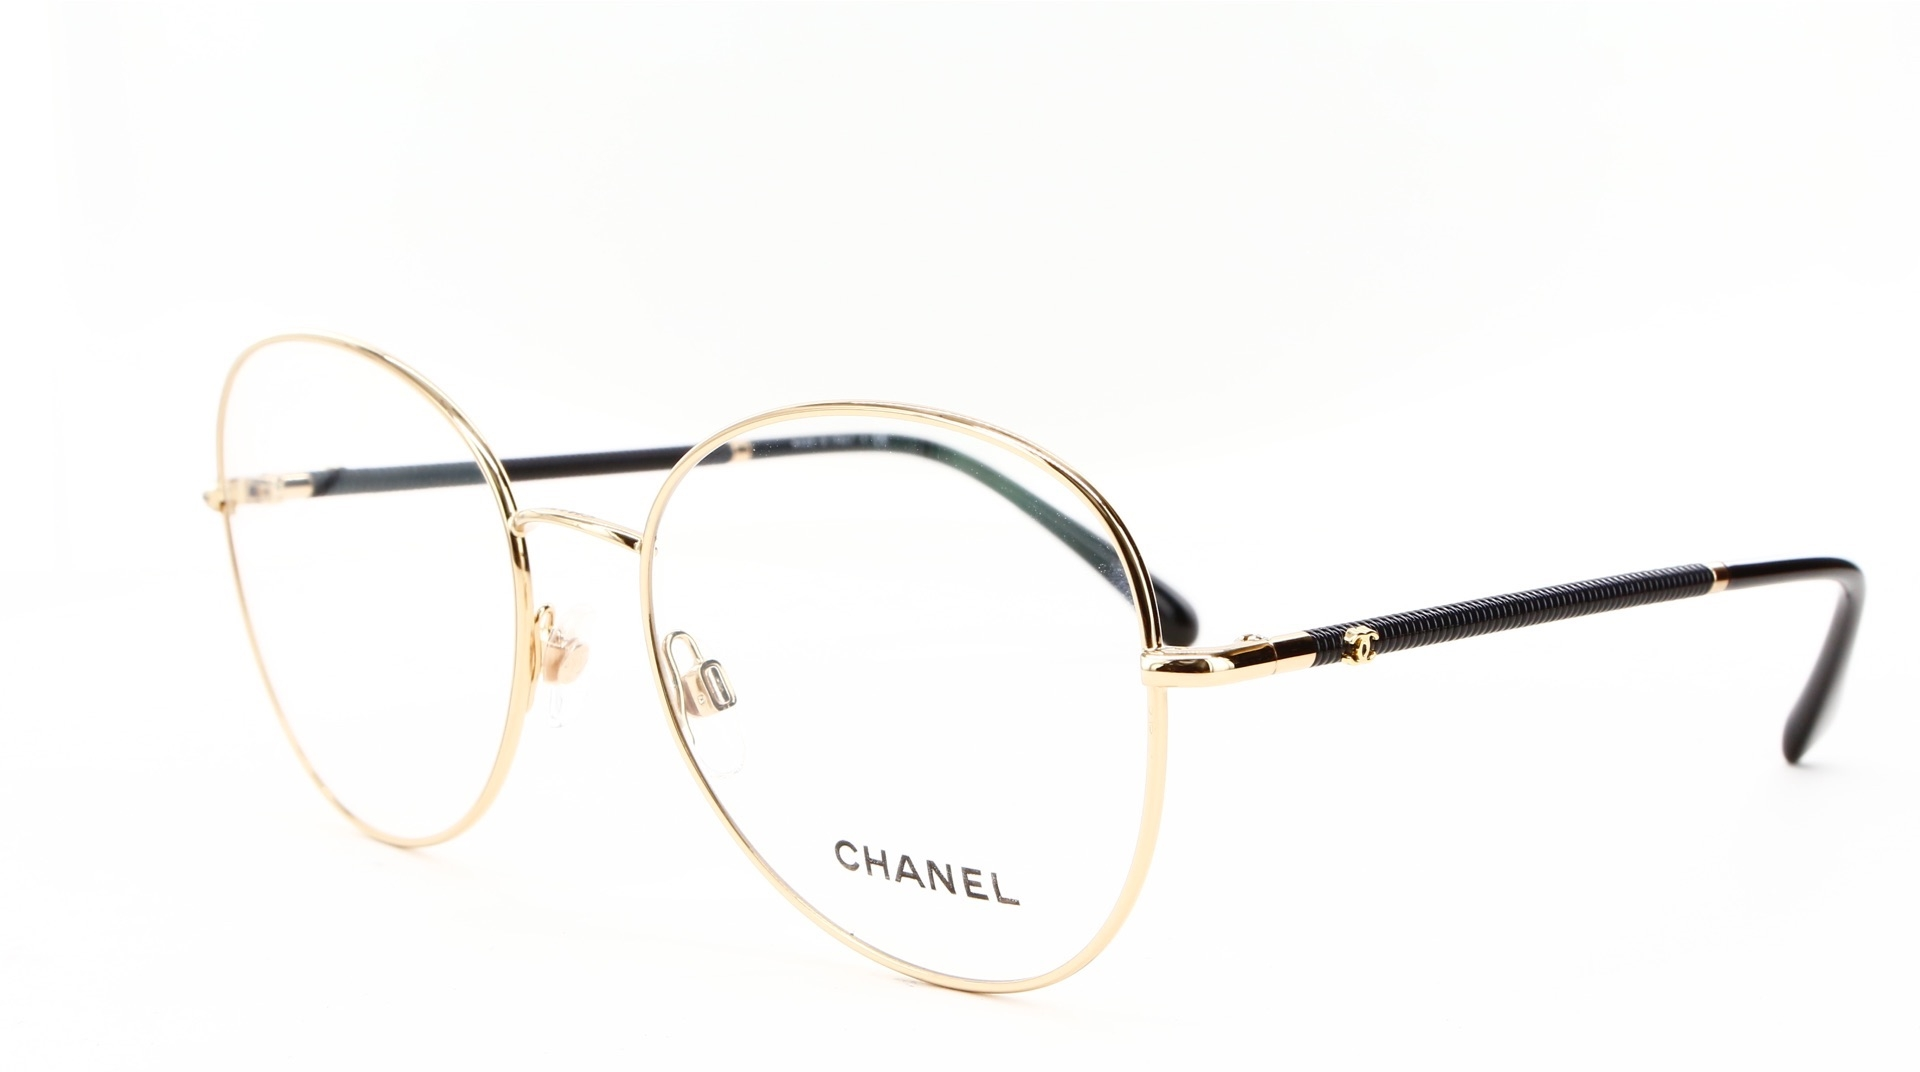 Chanel - ref: 79235